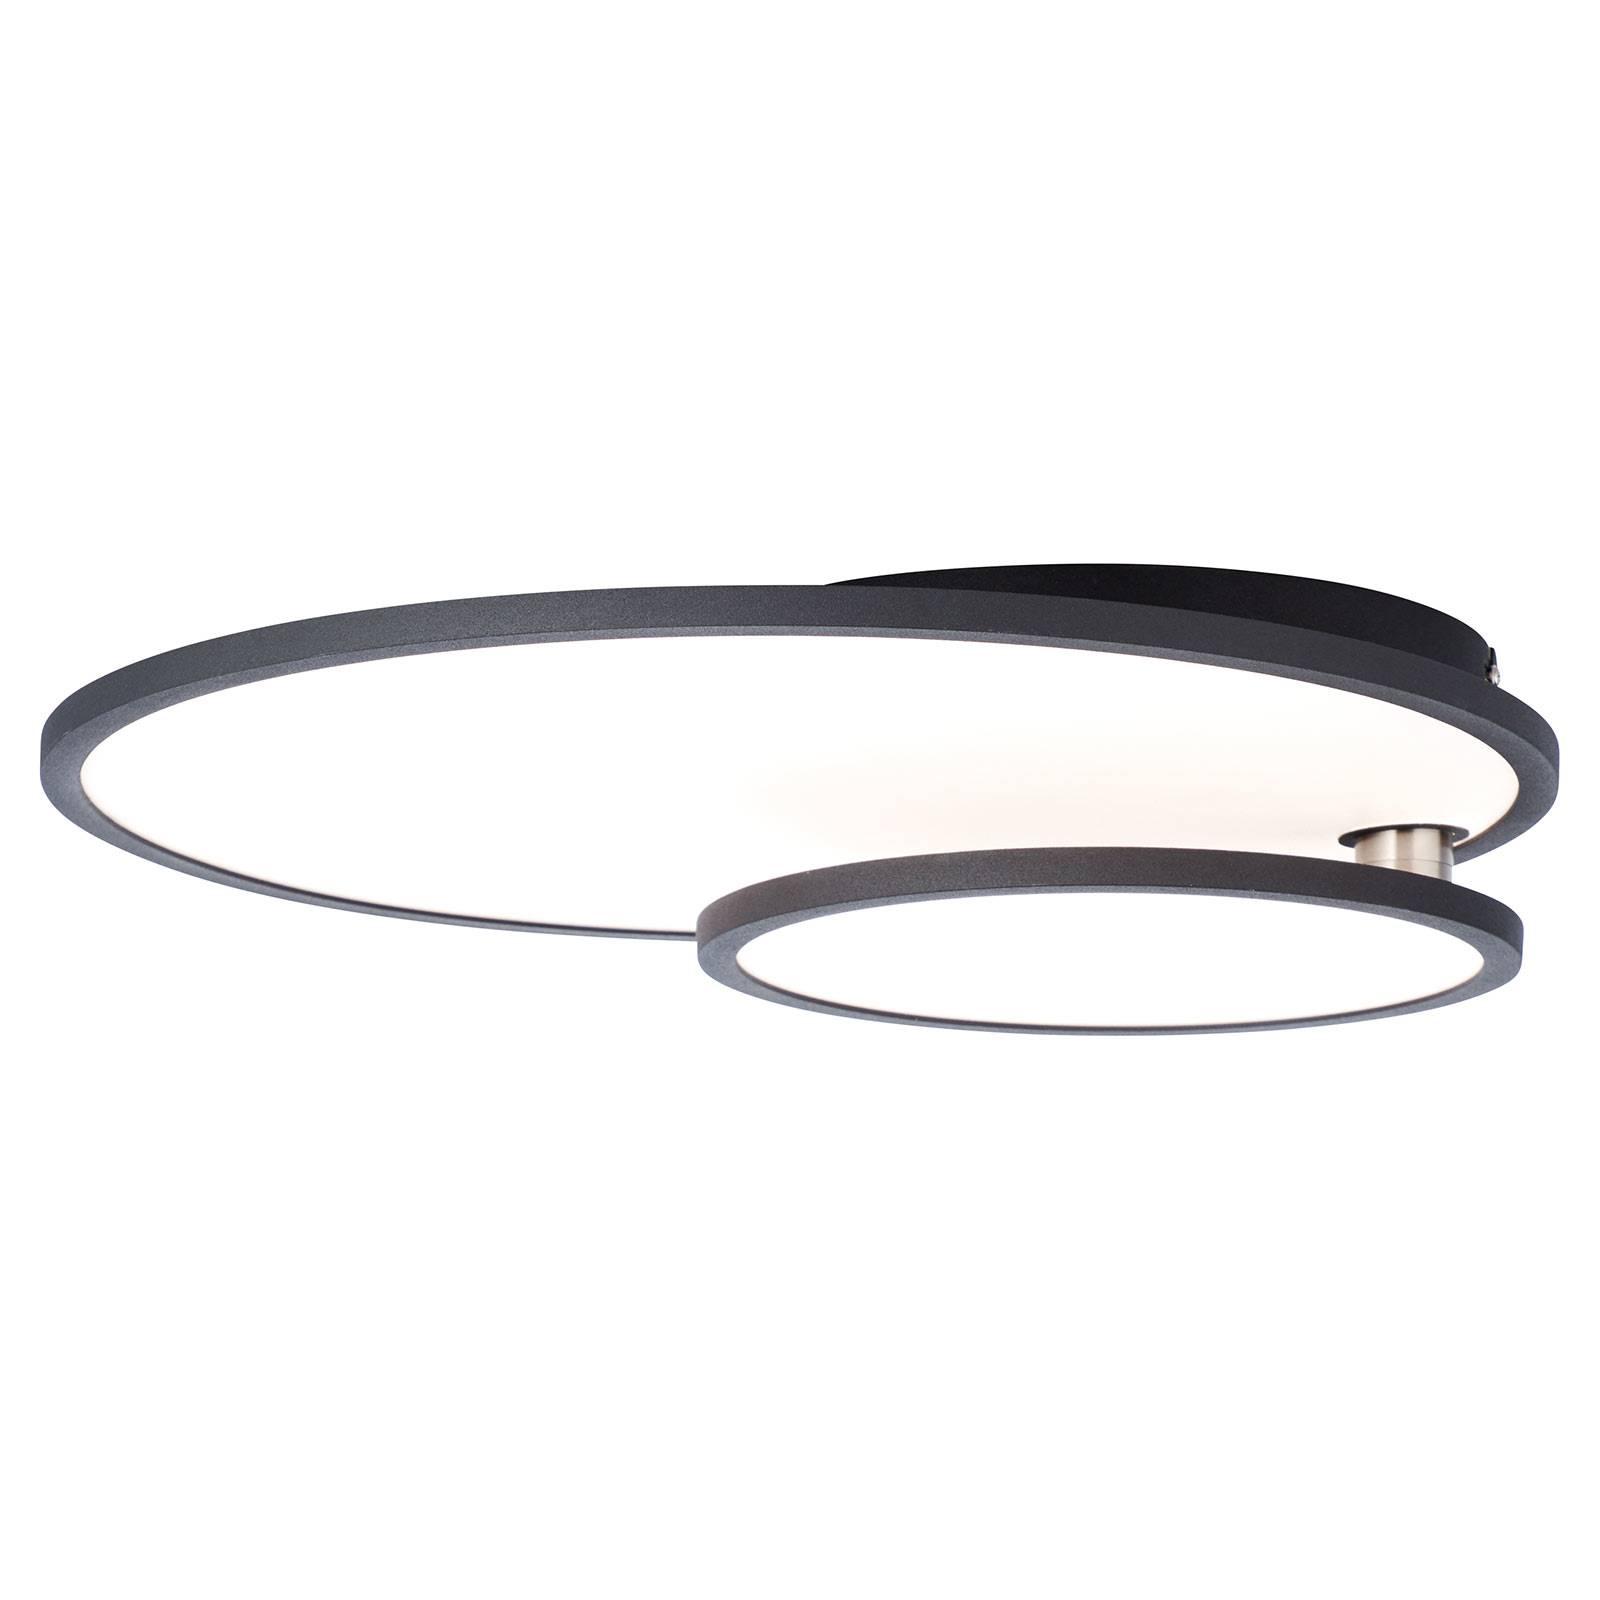 LED-kattovalaisin Bility, pyöreä, musta kehys